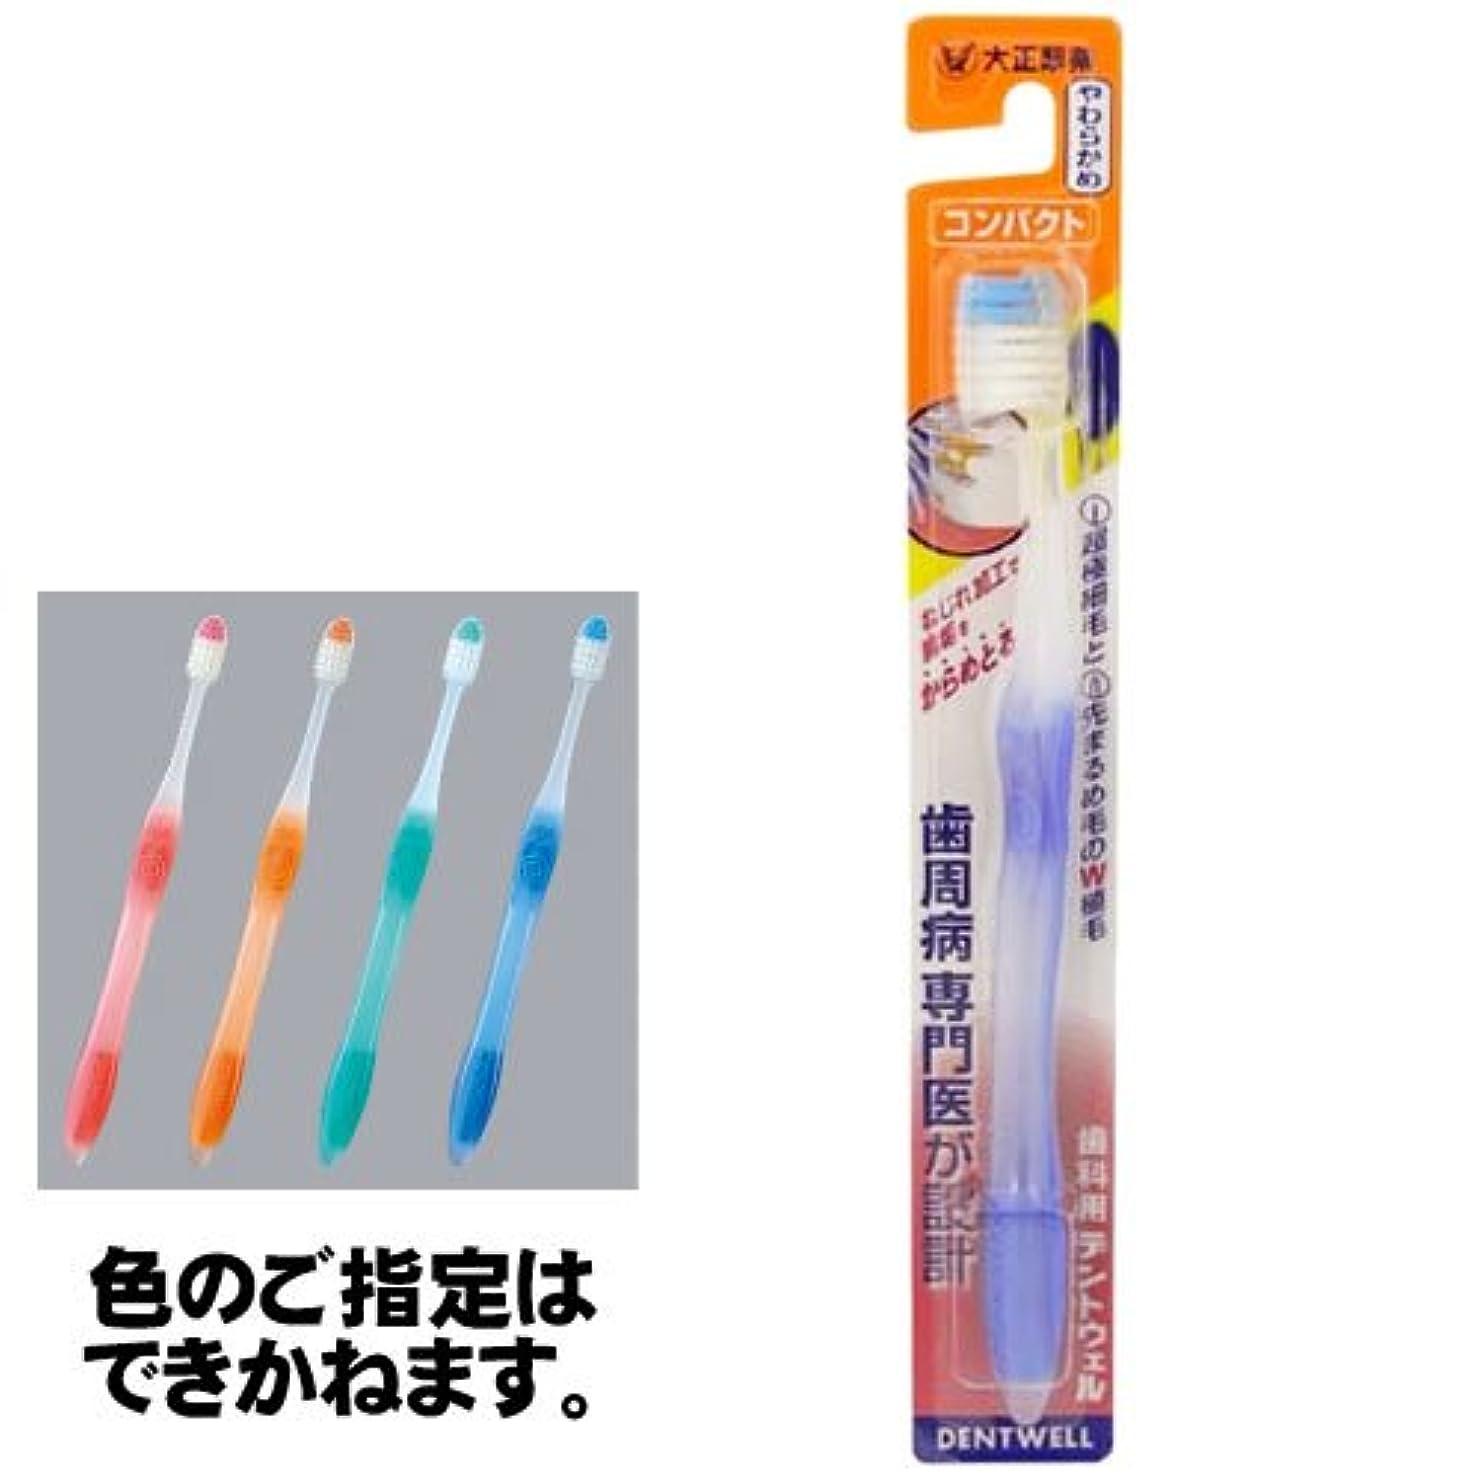 適応現代のびっくりする〔大正製薬〕歯科用デントウェル歯ブラシ コンパクト やわらかめ×12個セット